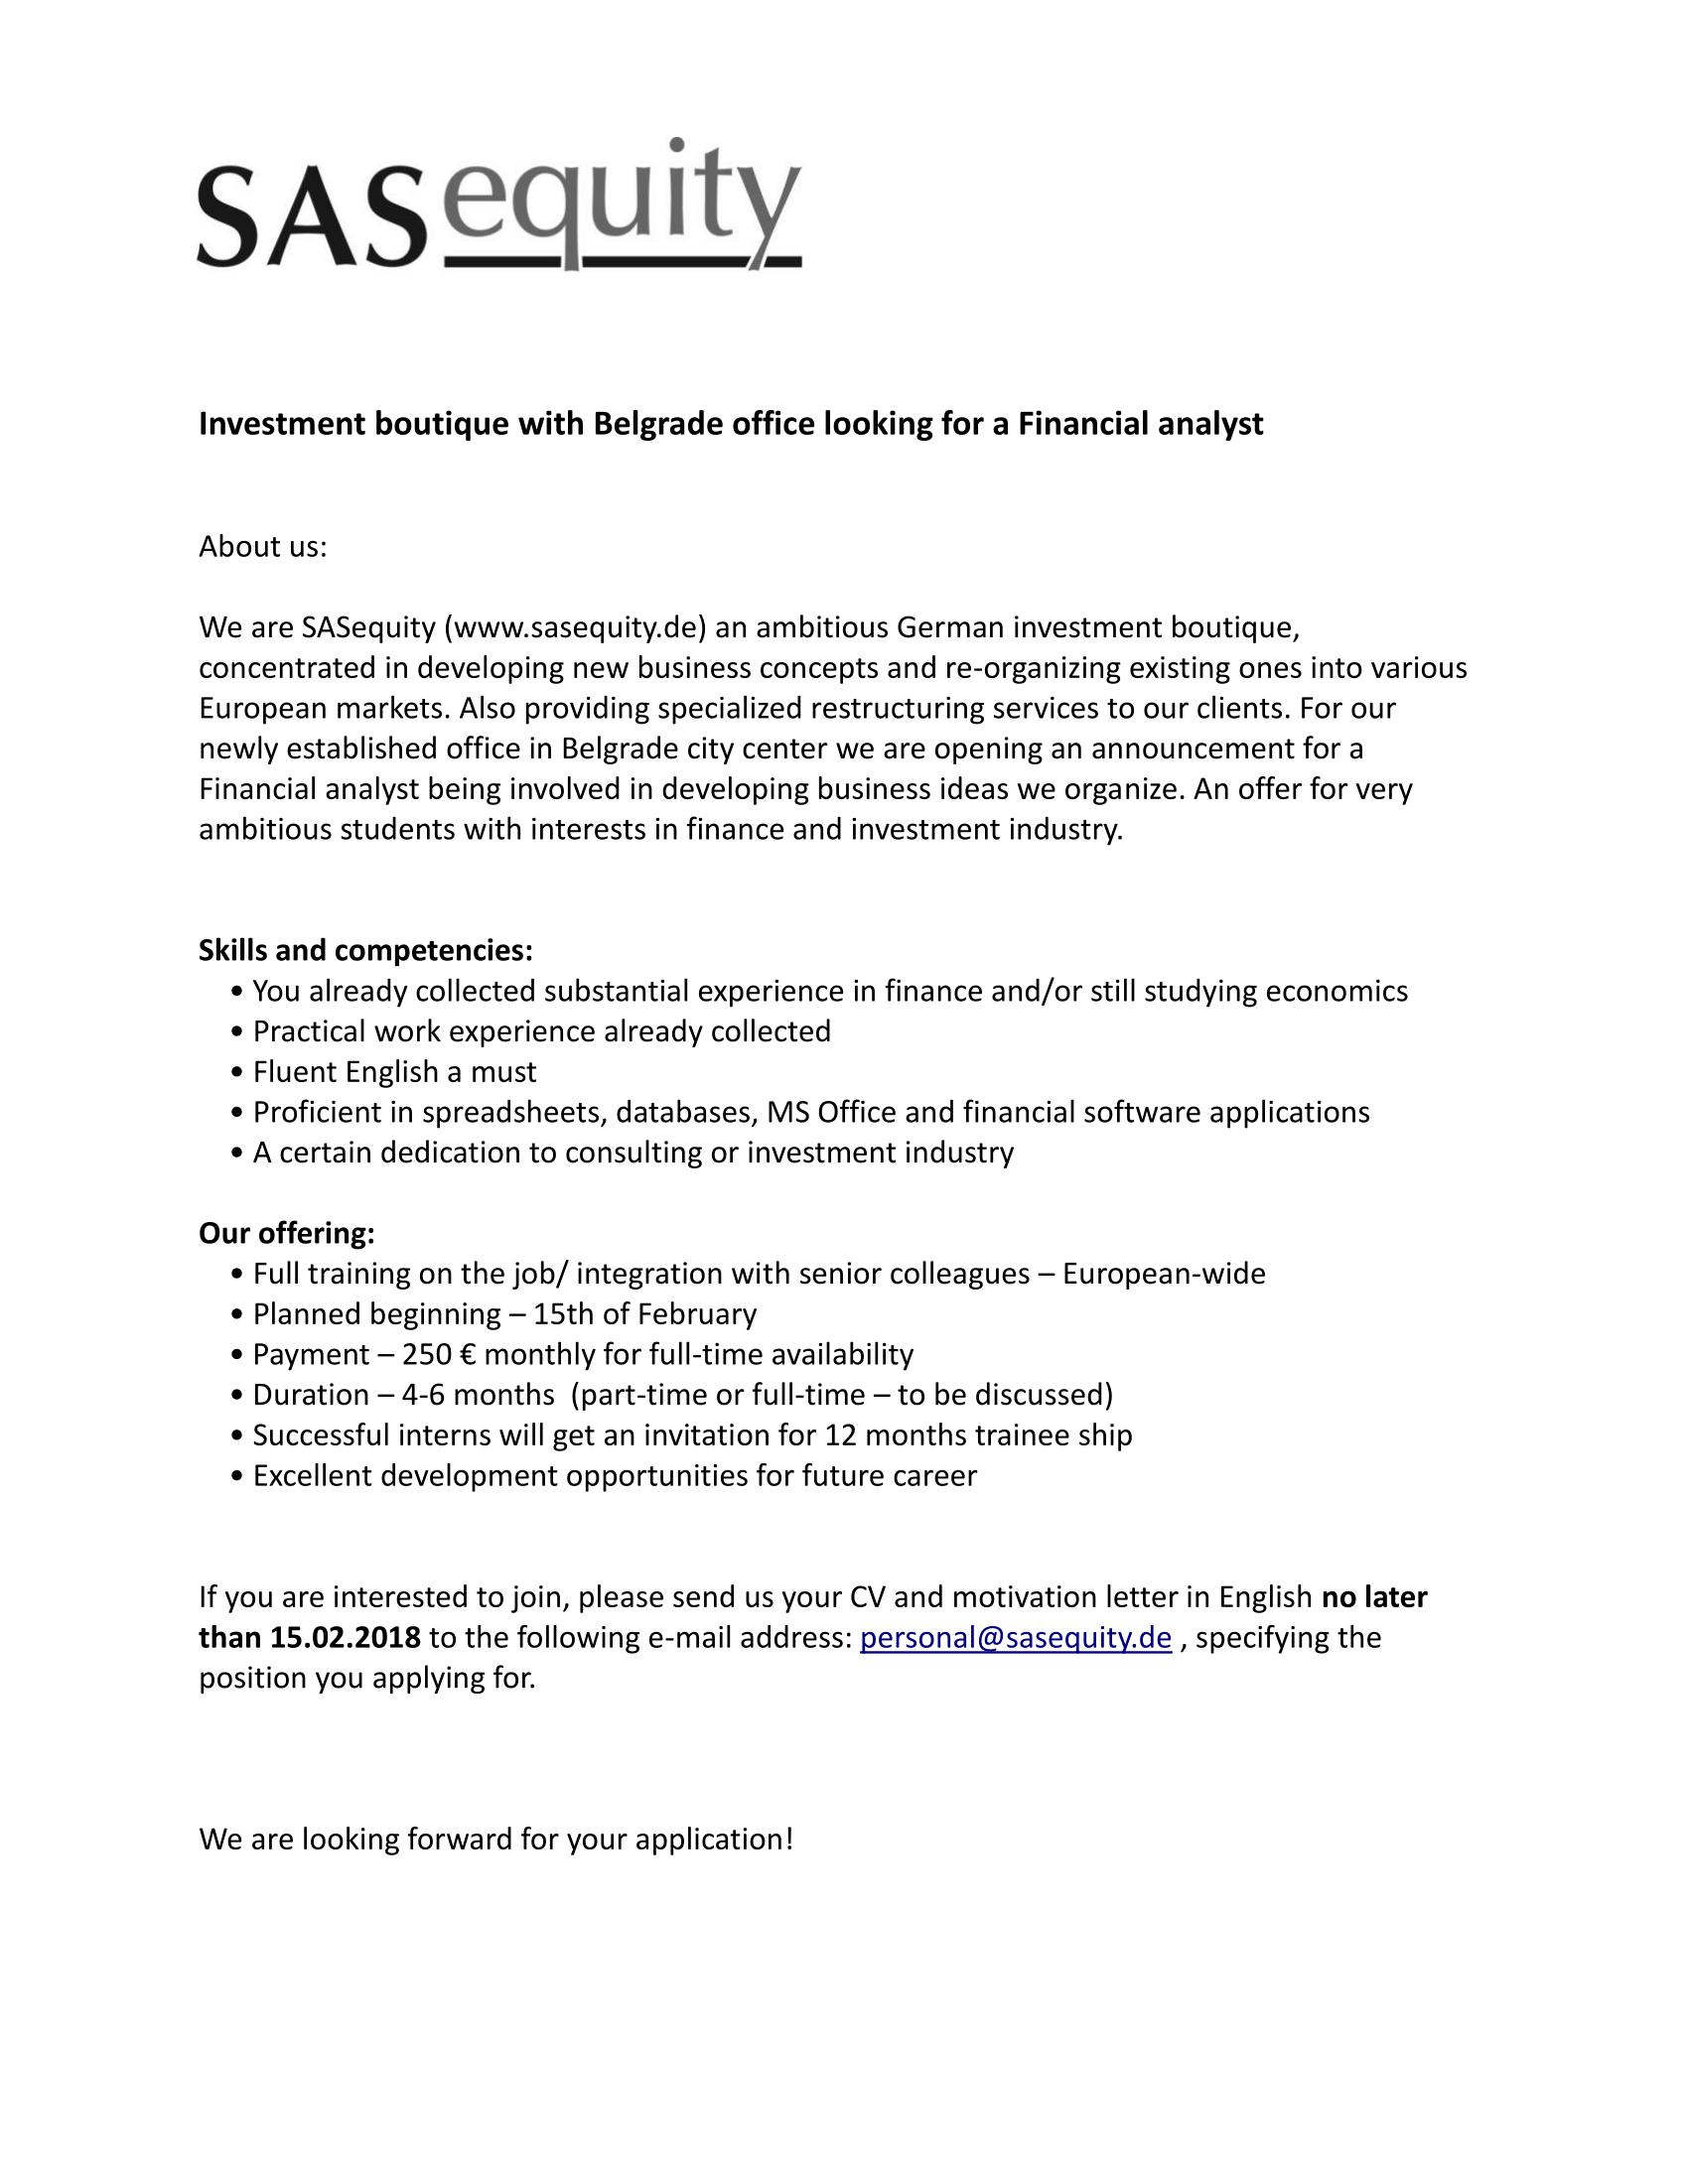 Analyst_intern-1